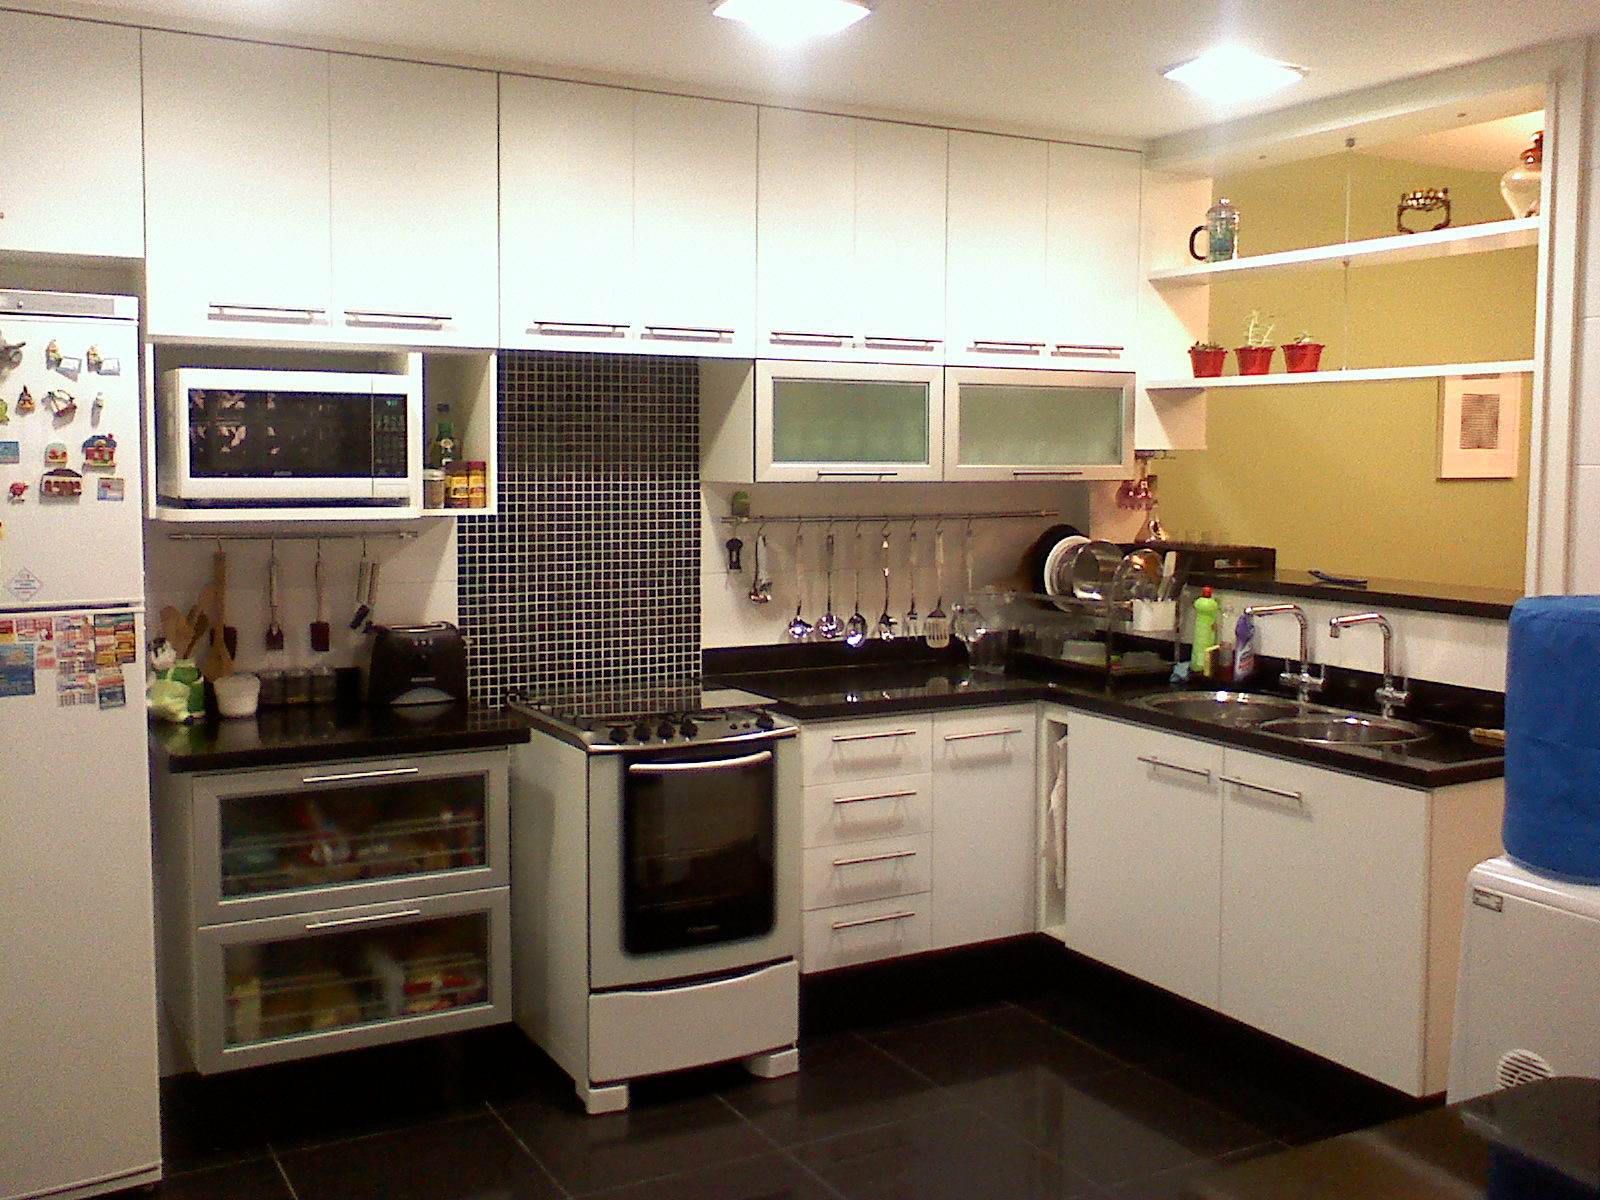 Foto: A nova cozinha recebeu bancadas amplas em Granito São Gabriel  #213A66 1600 1200